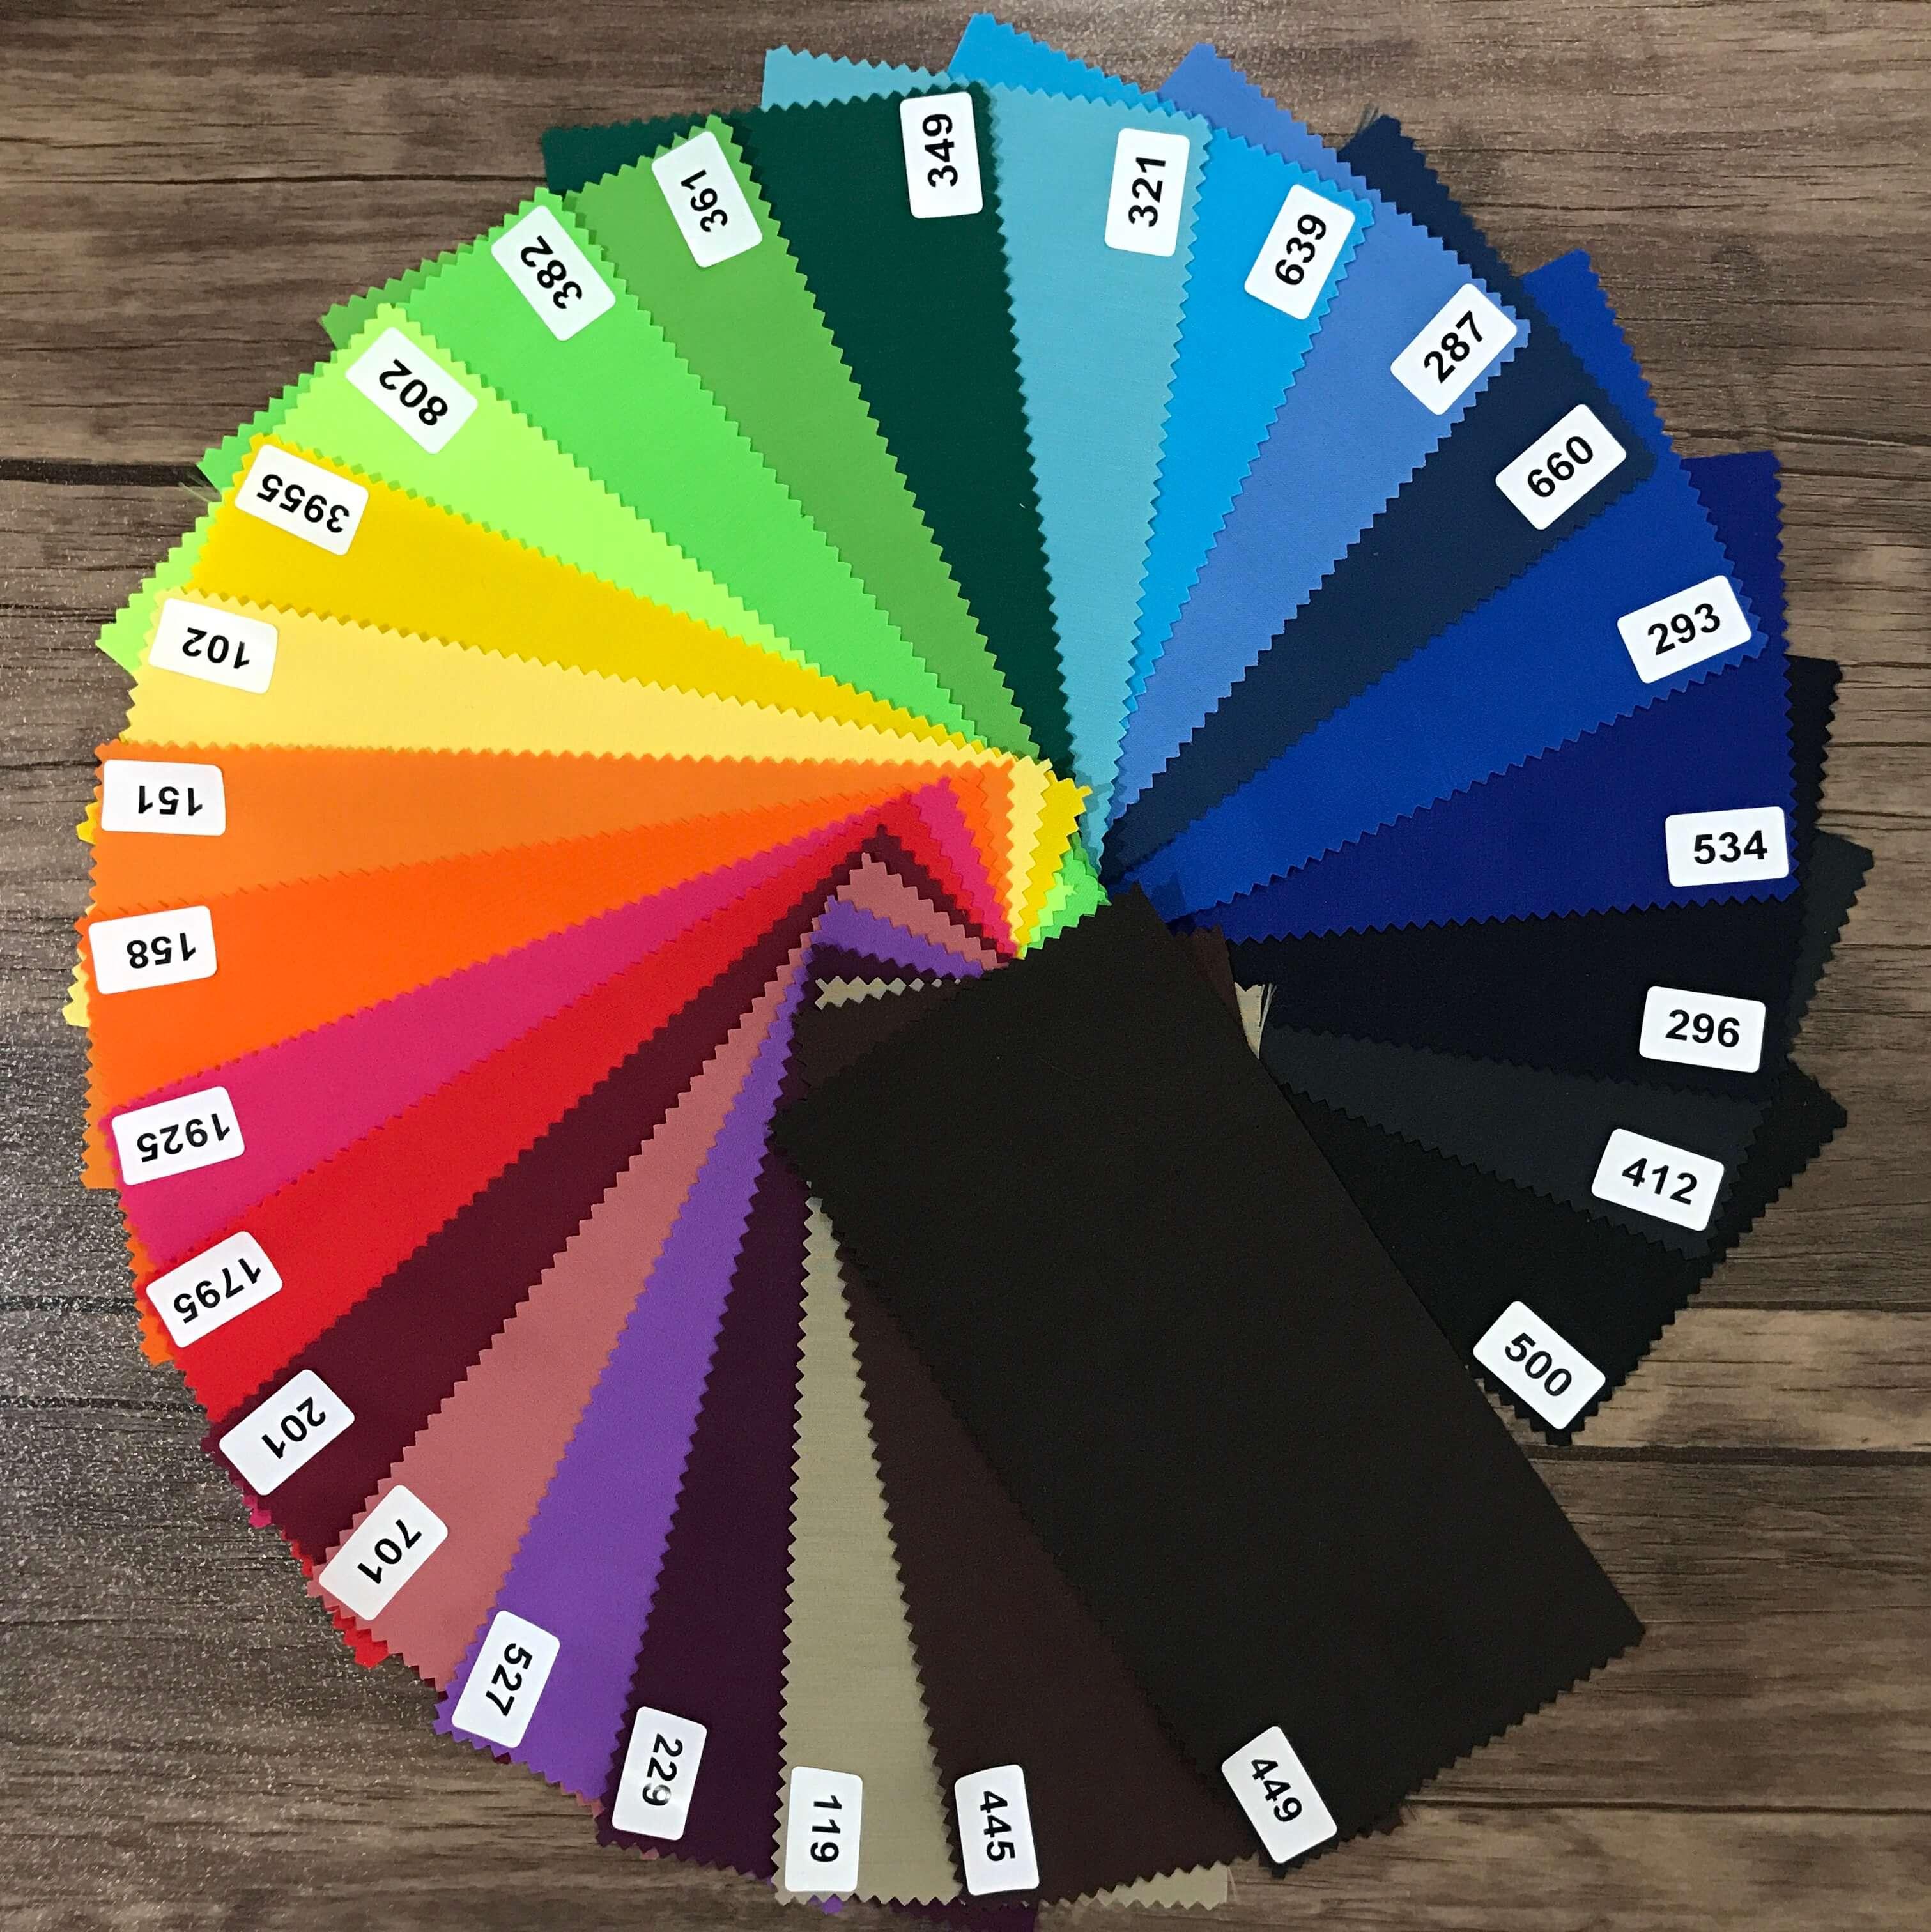 پارچه تترون عرض سه متر رنگ های سیر